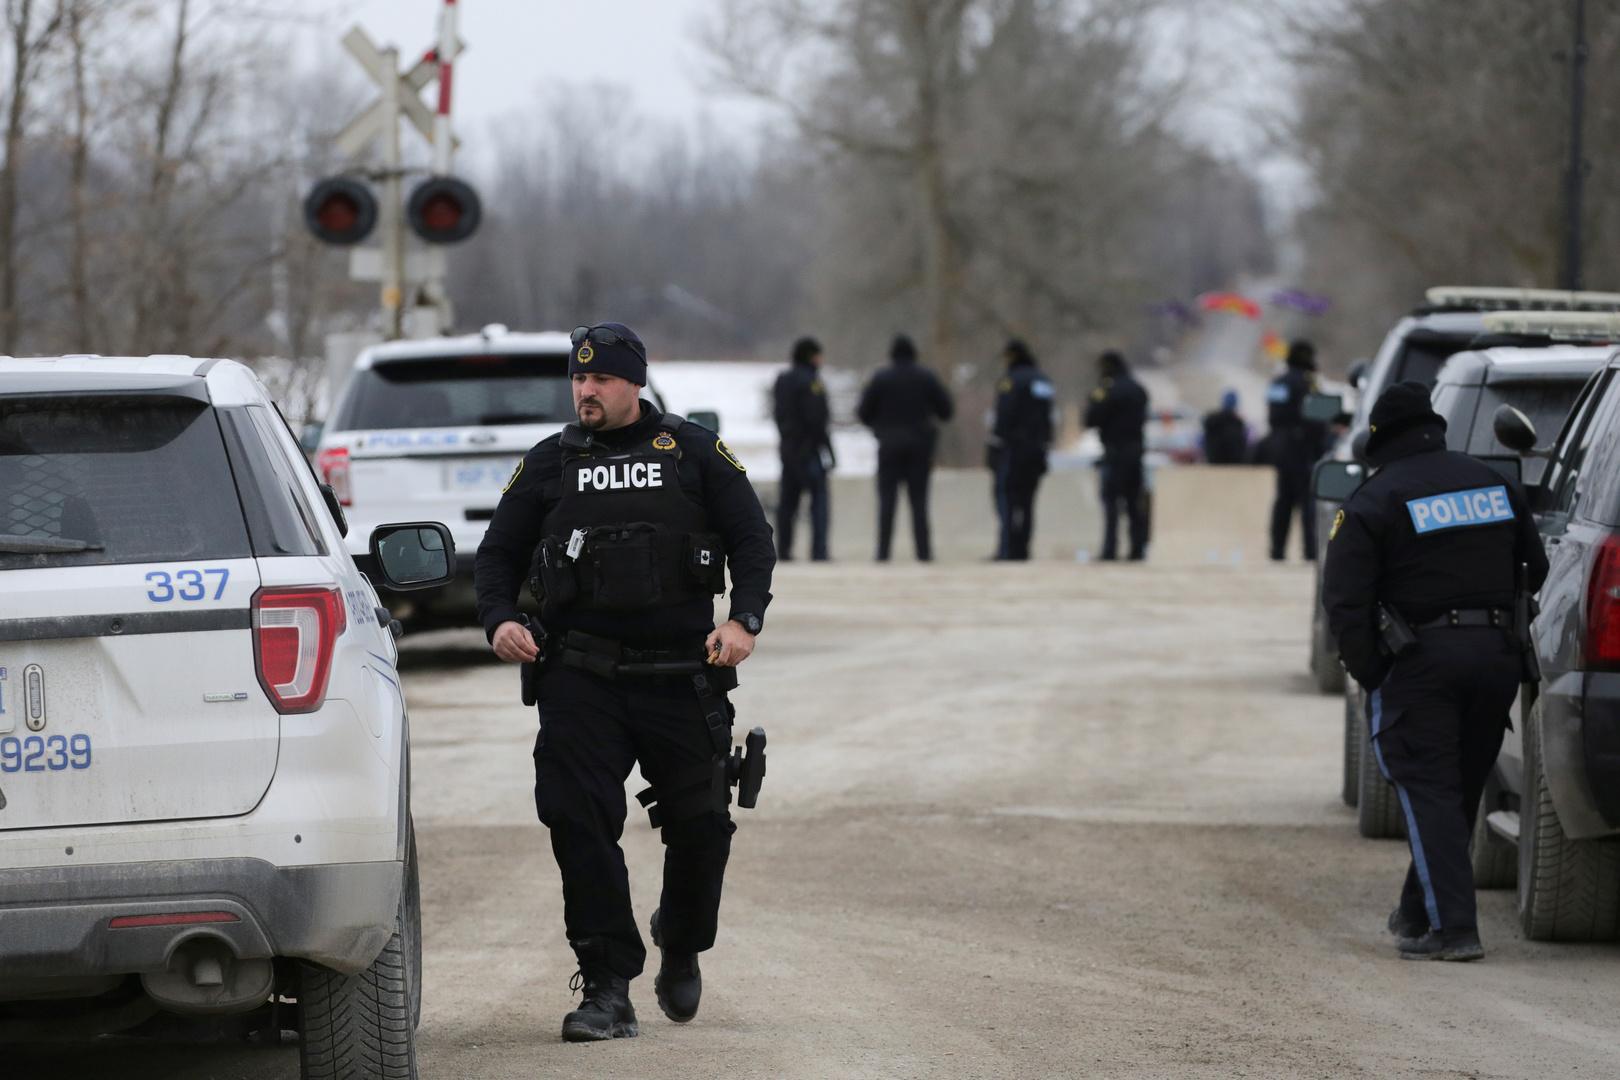 كندا..عملية طعن في مقاطعة كيبيك توقع عددا من القتلى والجرحى